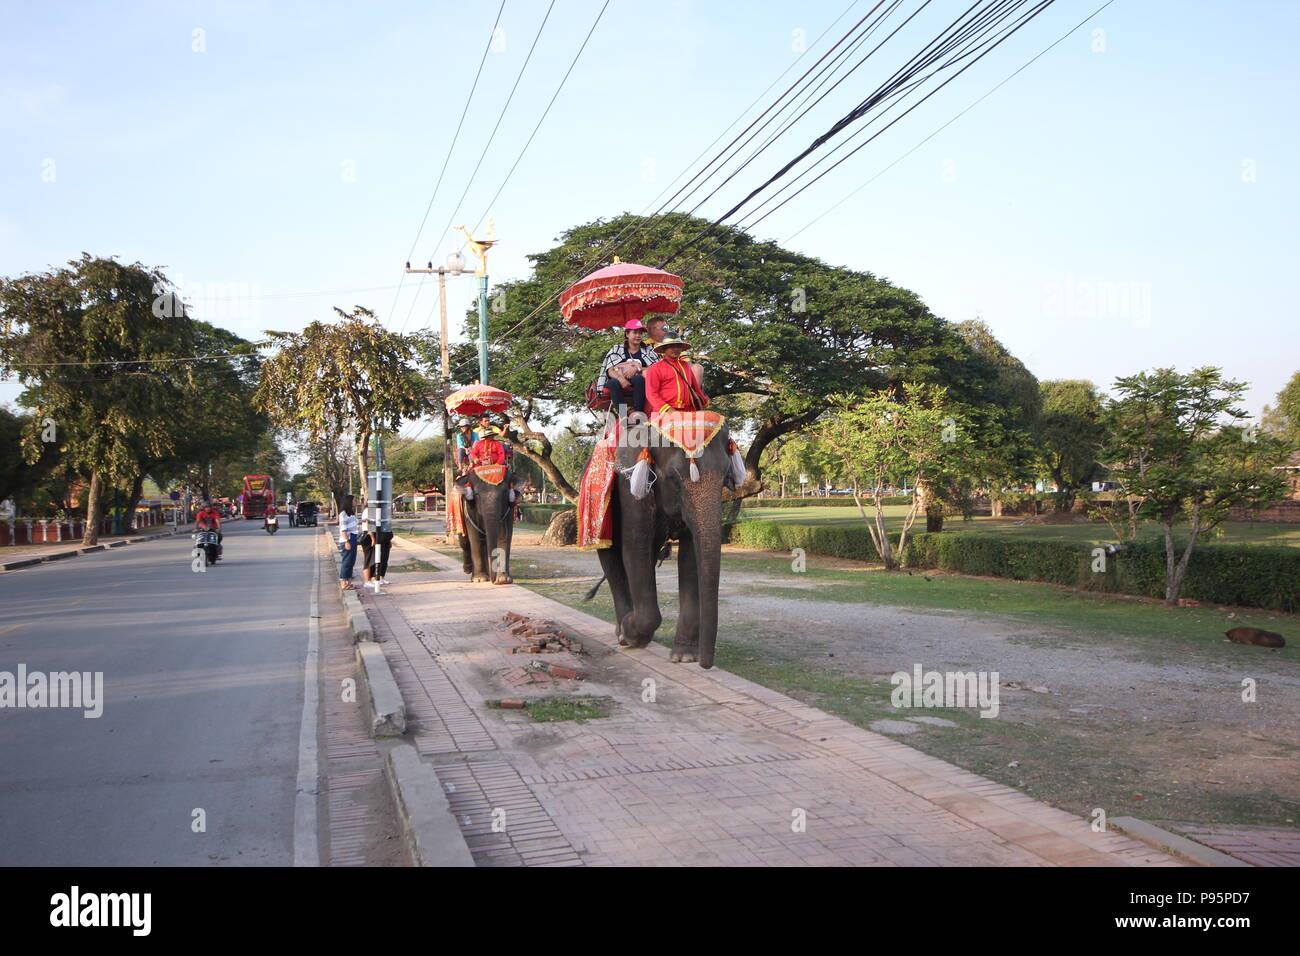 Elephant-walk at Ayutthaya. Stock Photo